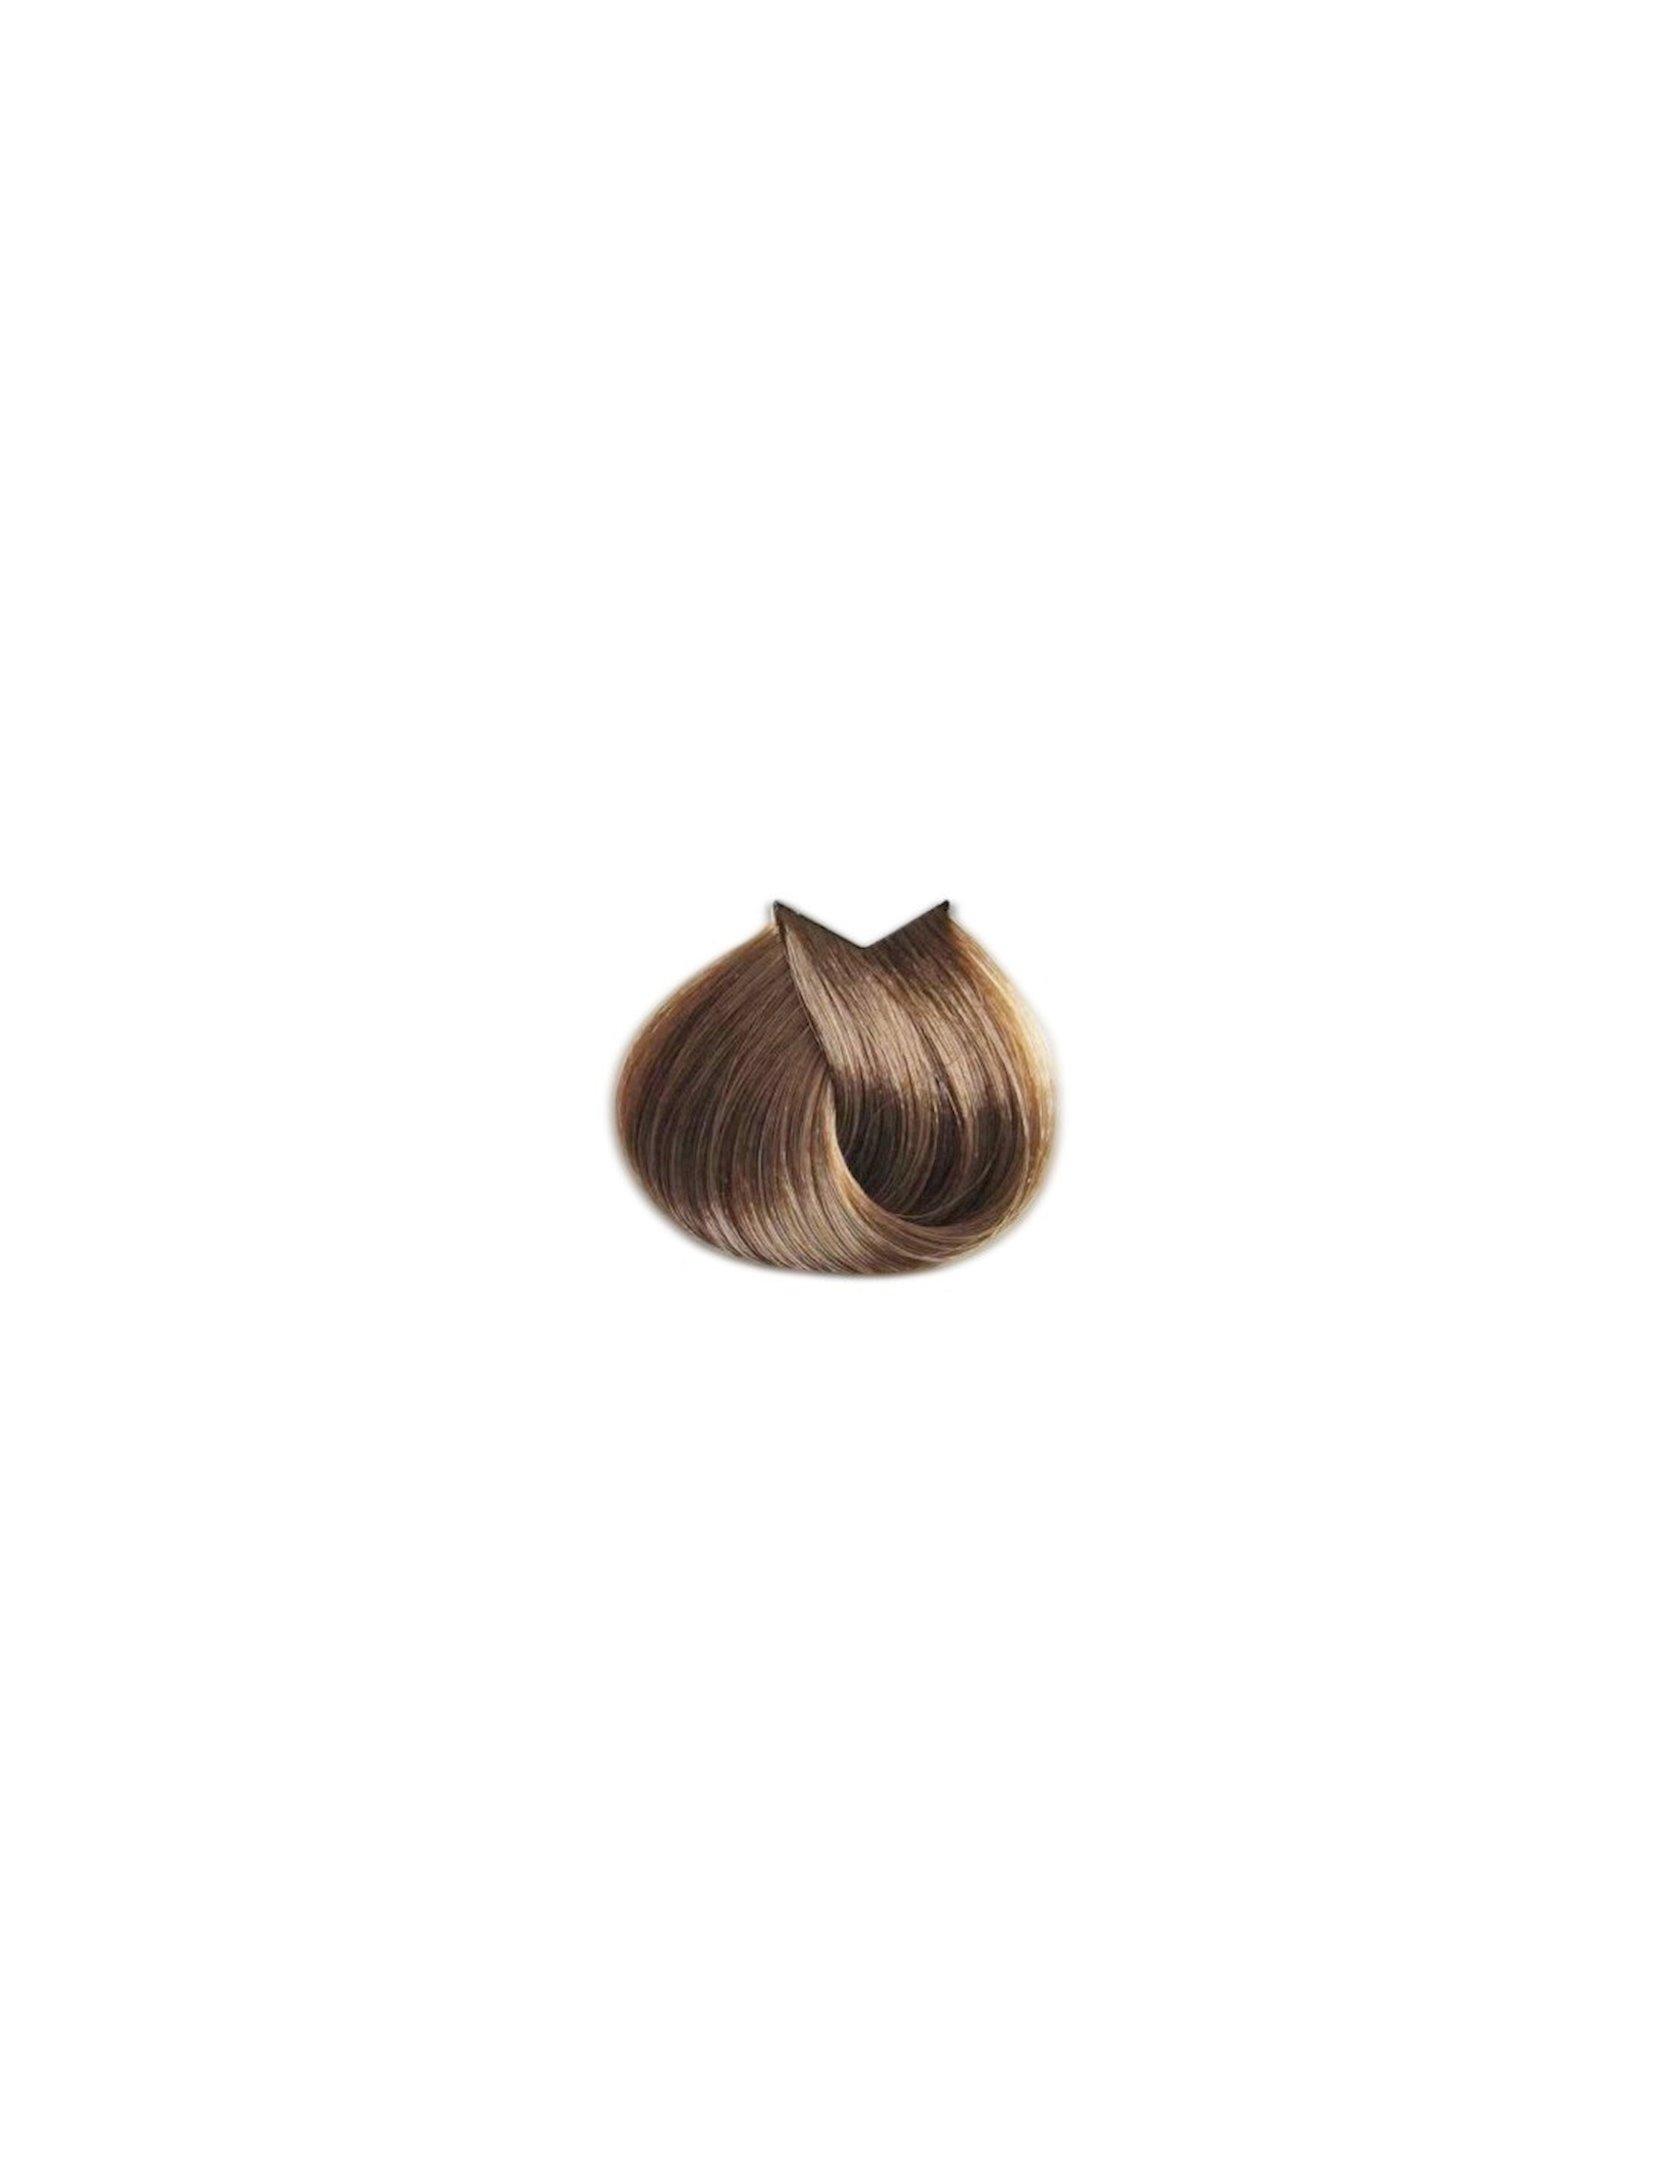 Saç üçün qalıcı krem-boya Farmavita Life Color Plus 9.00 Zənqin çox açıq sarışın